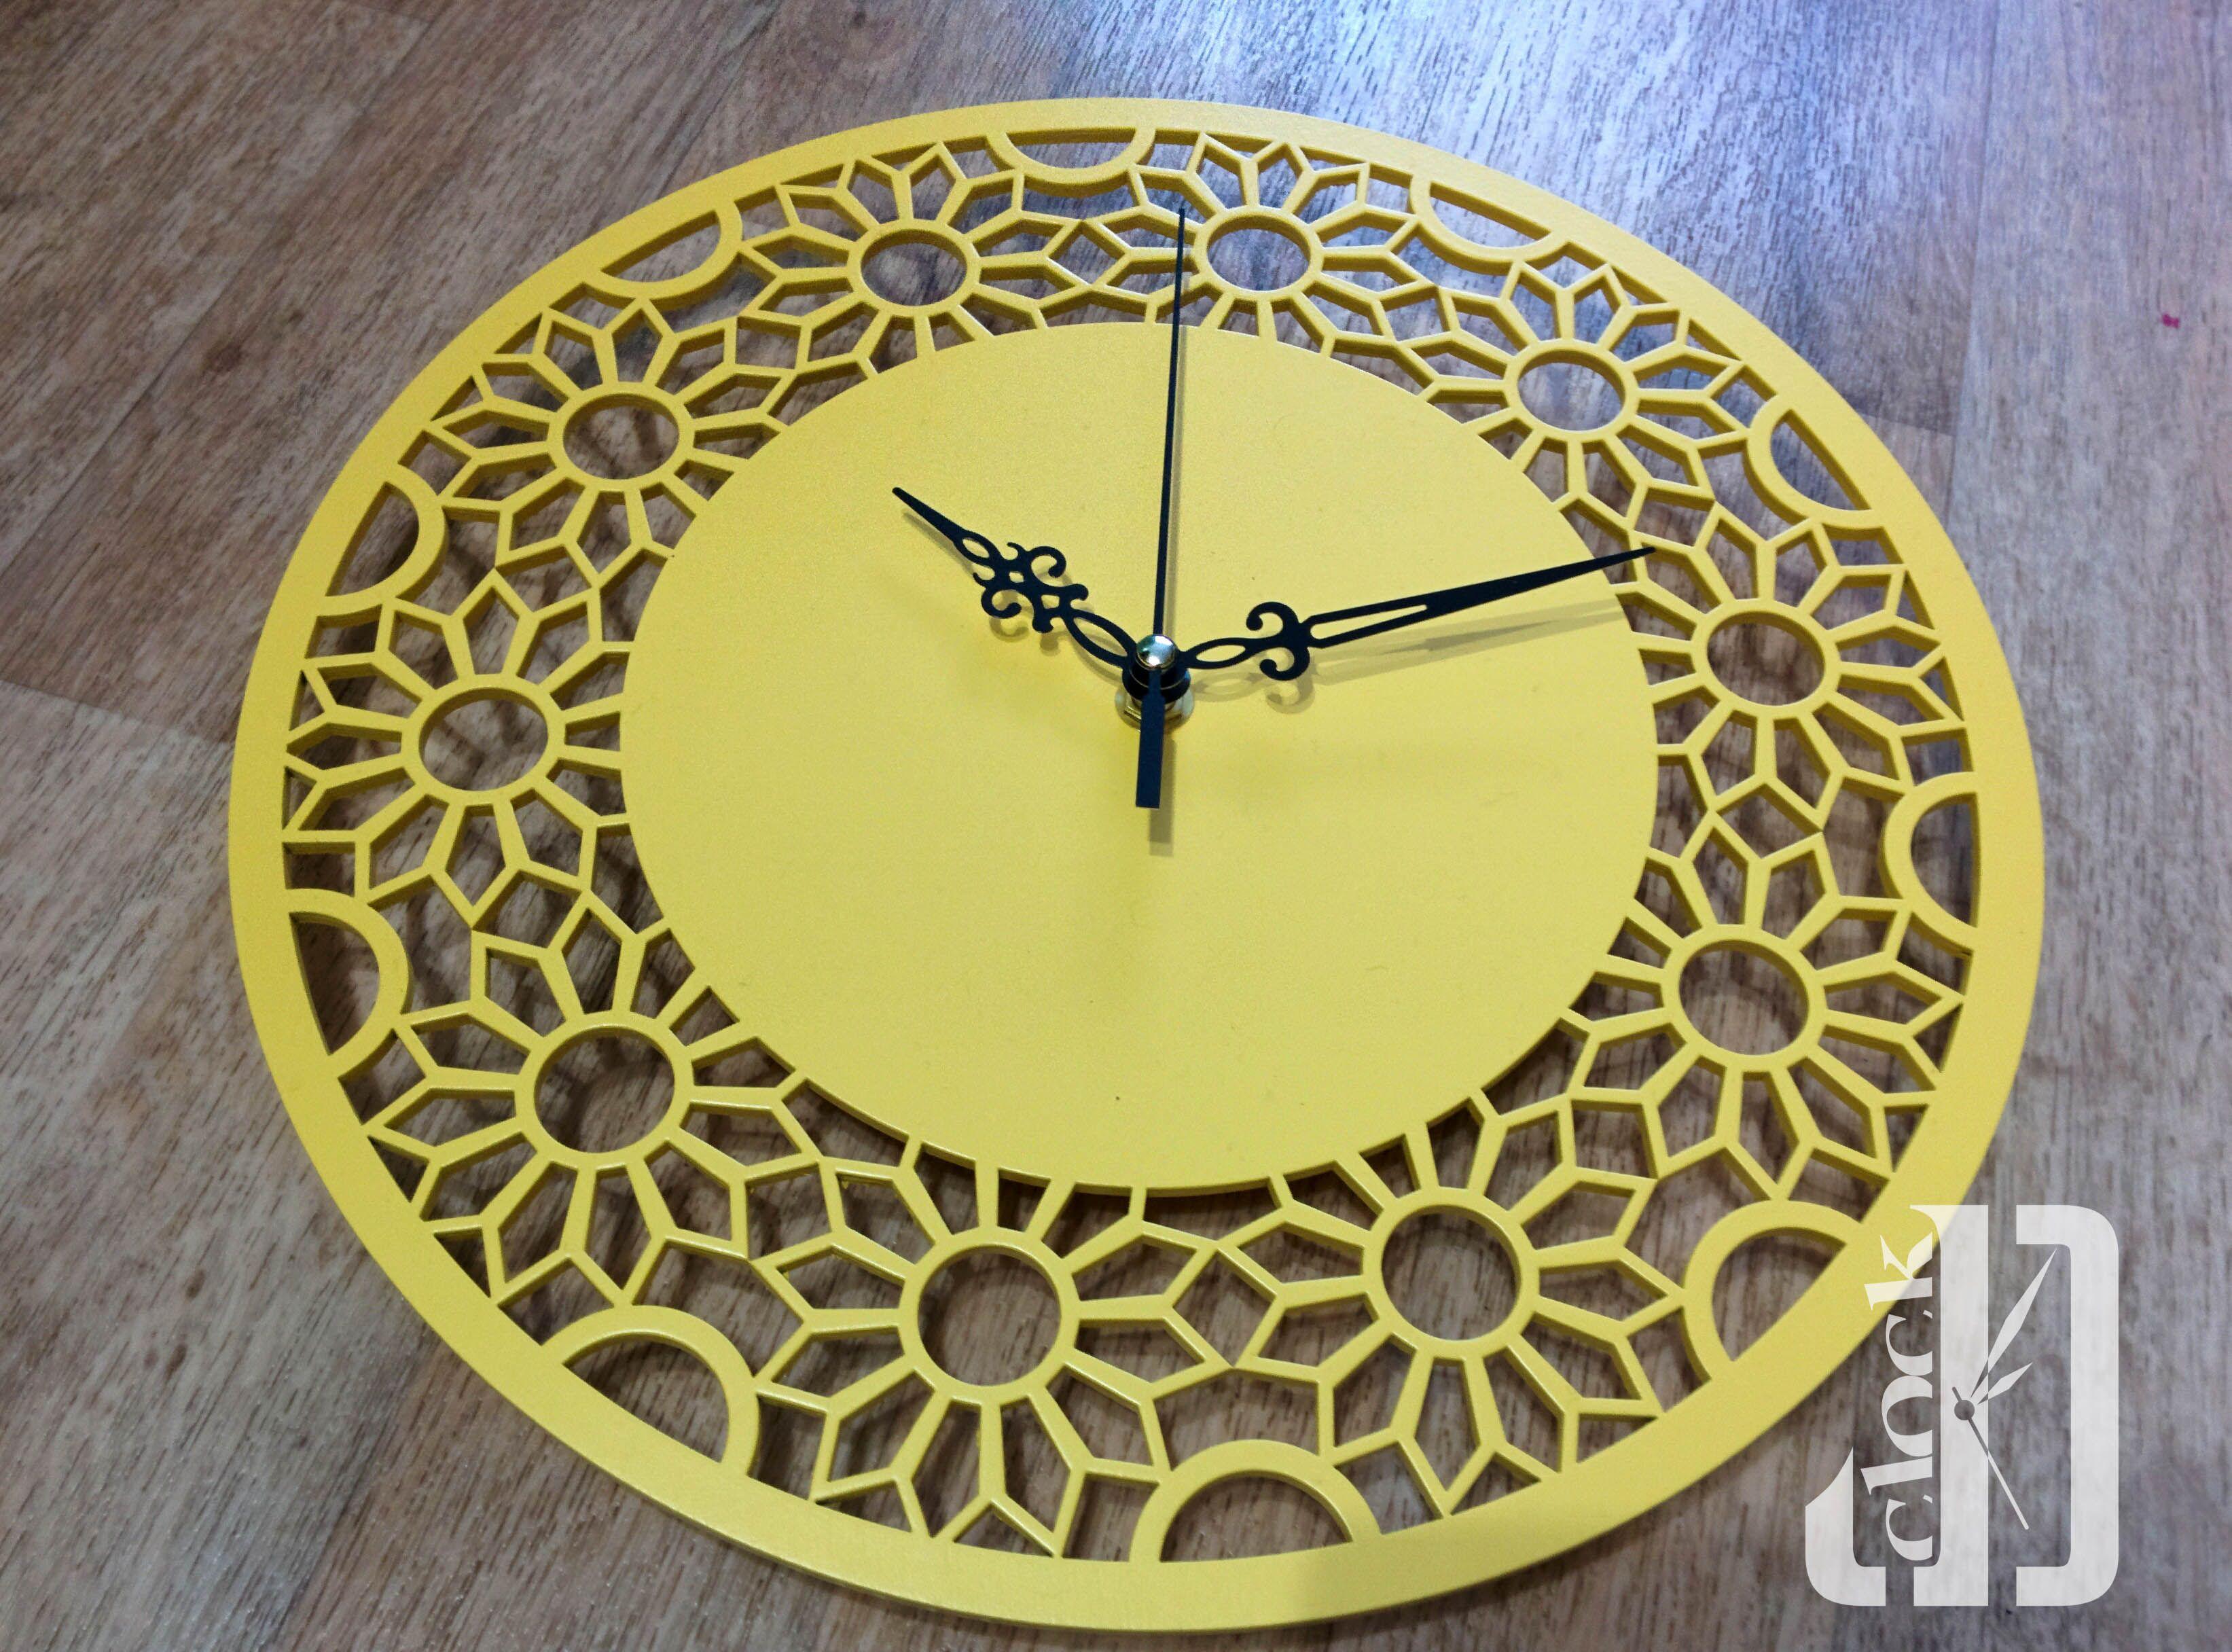 резные лазер лофт фанера деревянные настенные часы орнамент интерьер ручная декор работа желтые